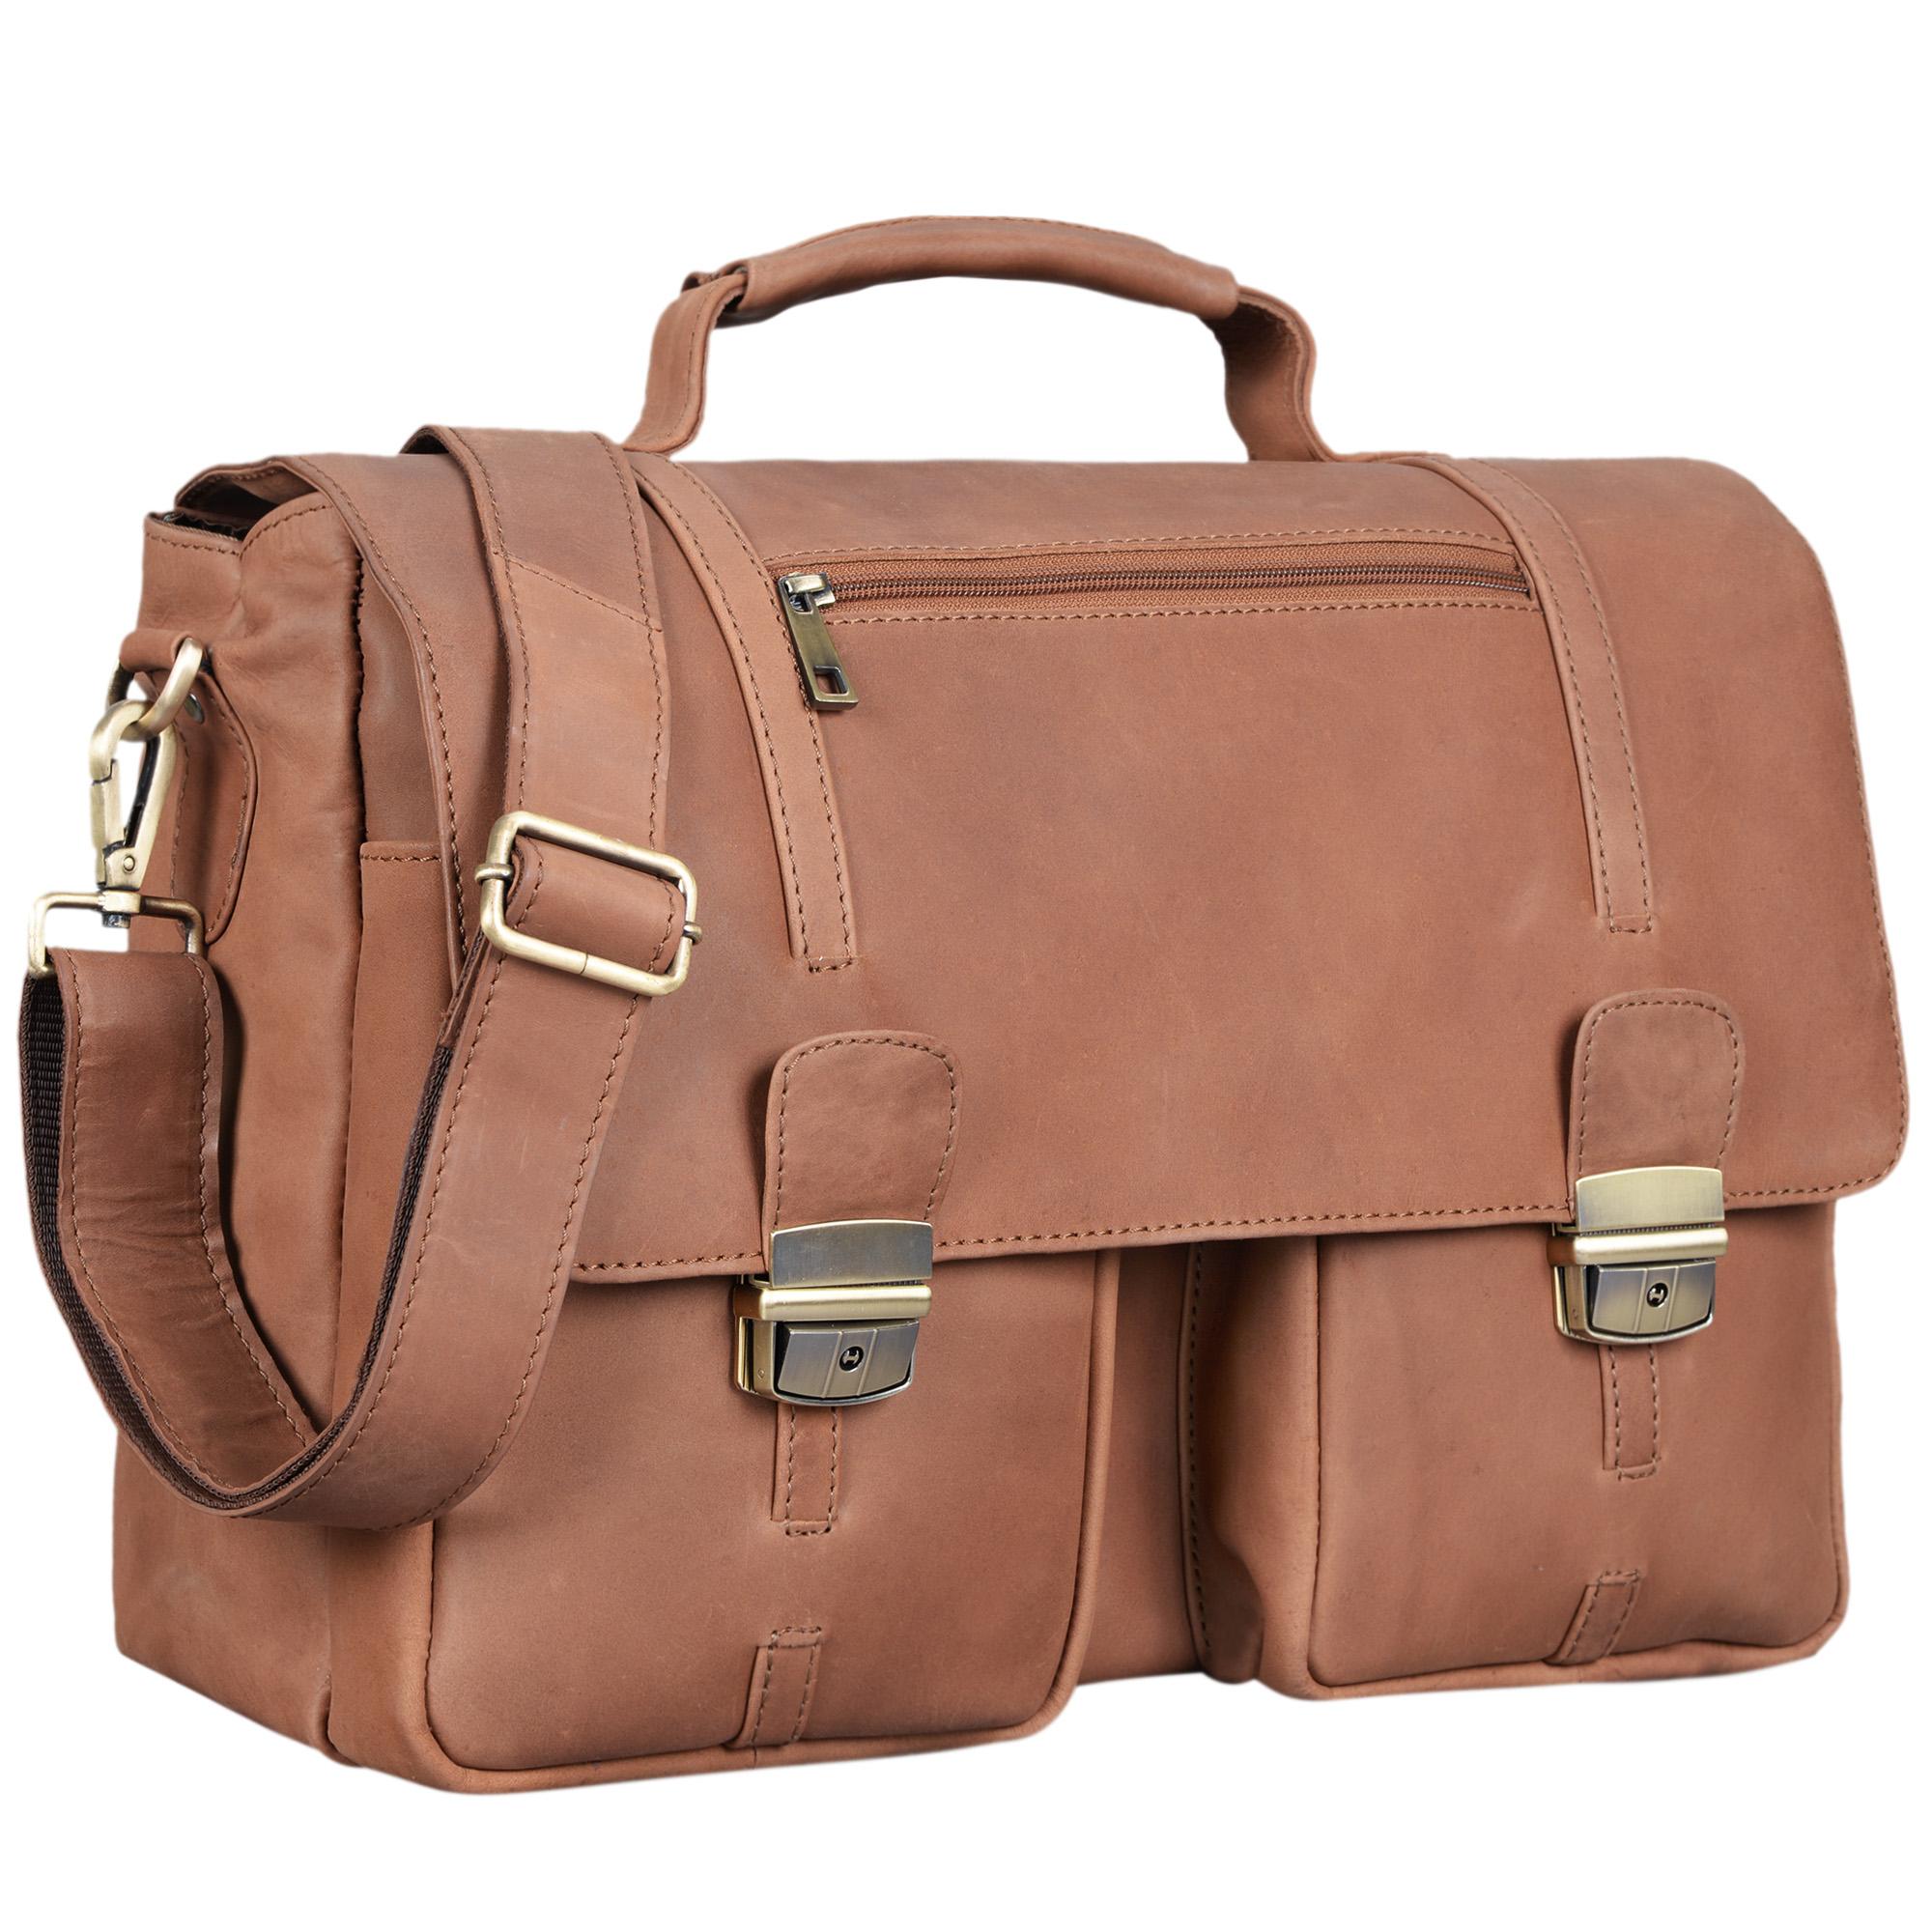 """STILORD """"Robin"""" Vintage Businesstasche Leder Aktentasche für Damen und Herren Schloss 15,6 Zoll Laptopfach elegante Umhängetasche aus echtem Leder  - Bild 10"""